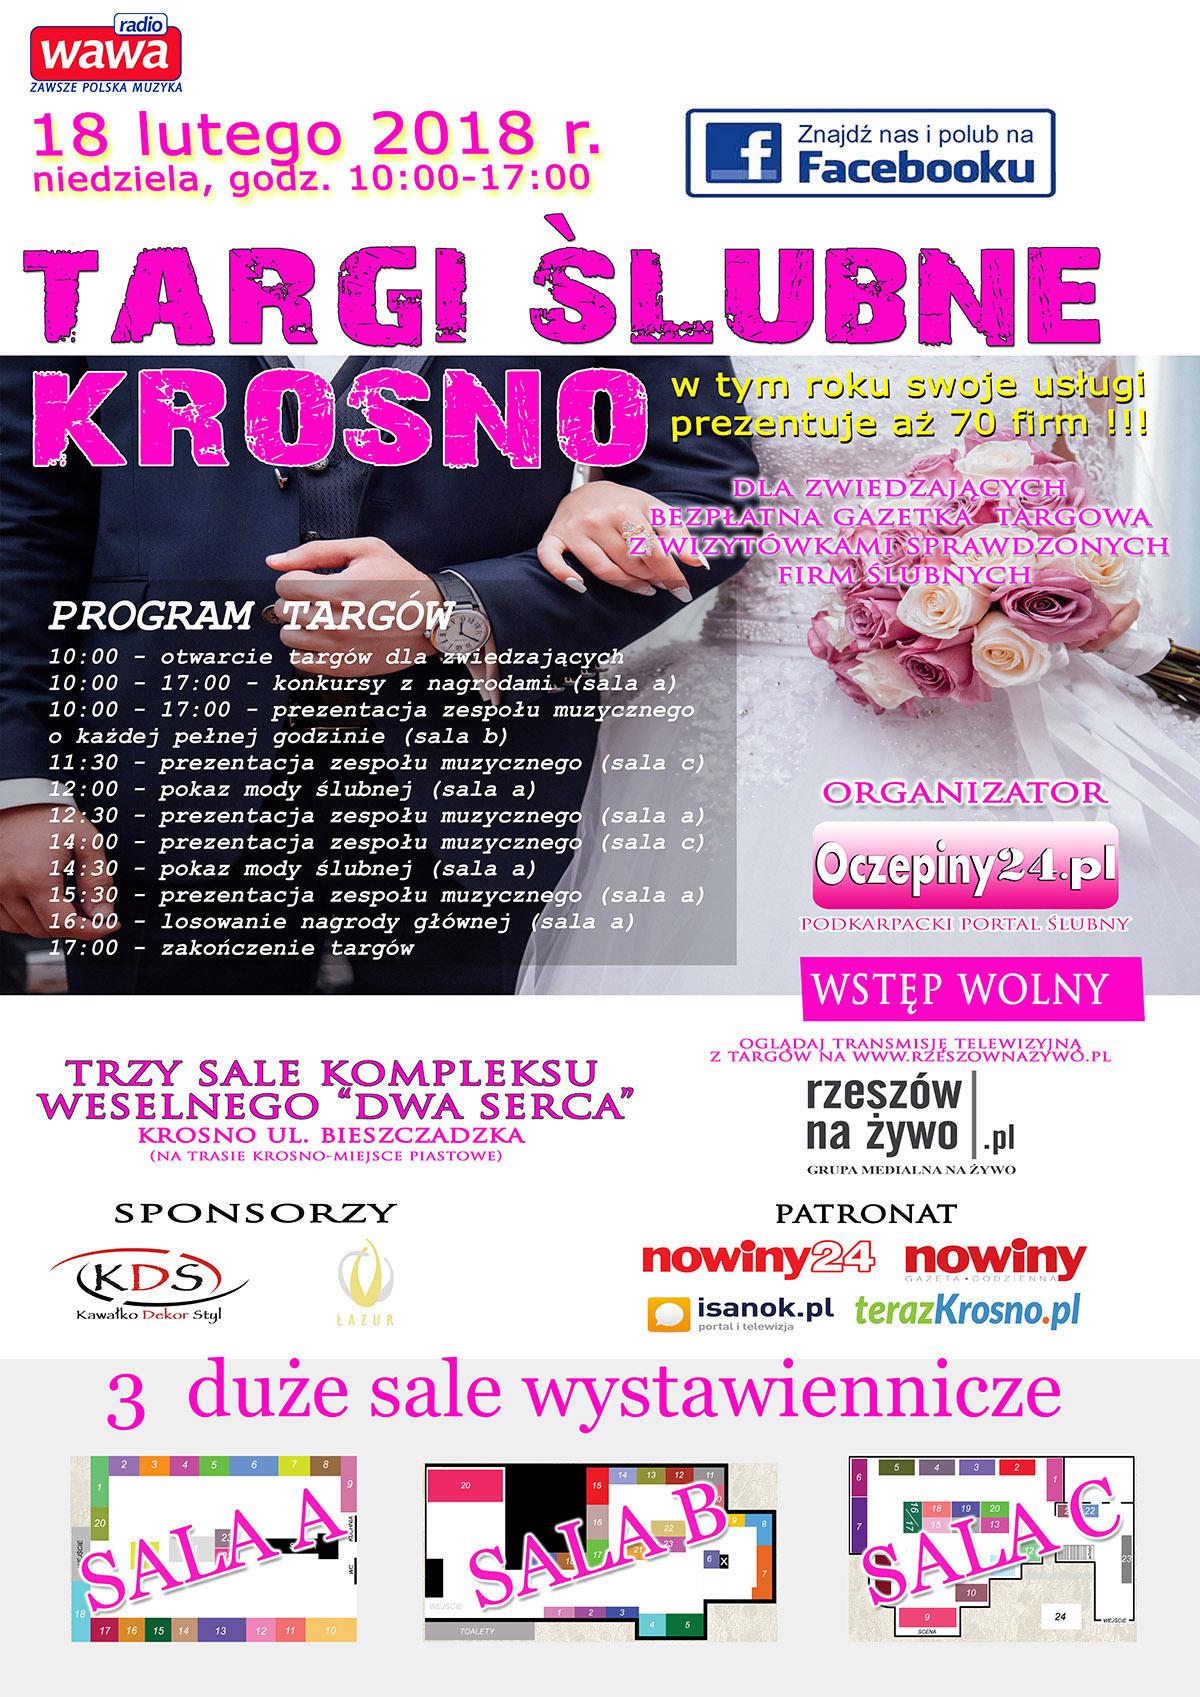 Targi Ślubne w Krośnie 18.02.2018